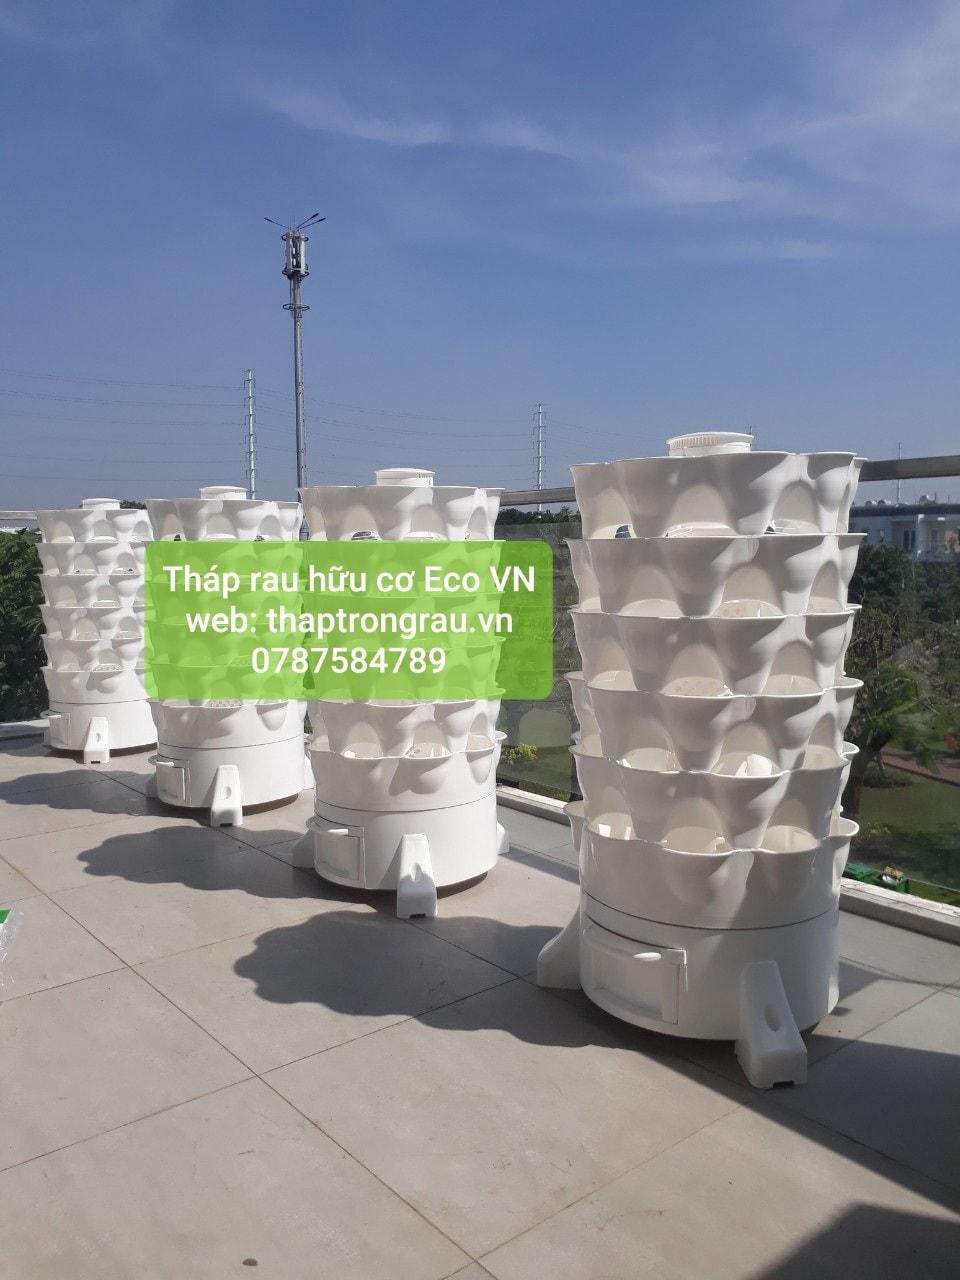 Combo 4 tháp trồng rau hữu cơ thông minh